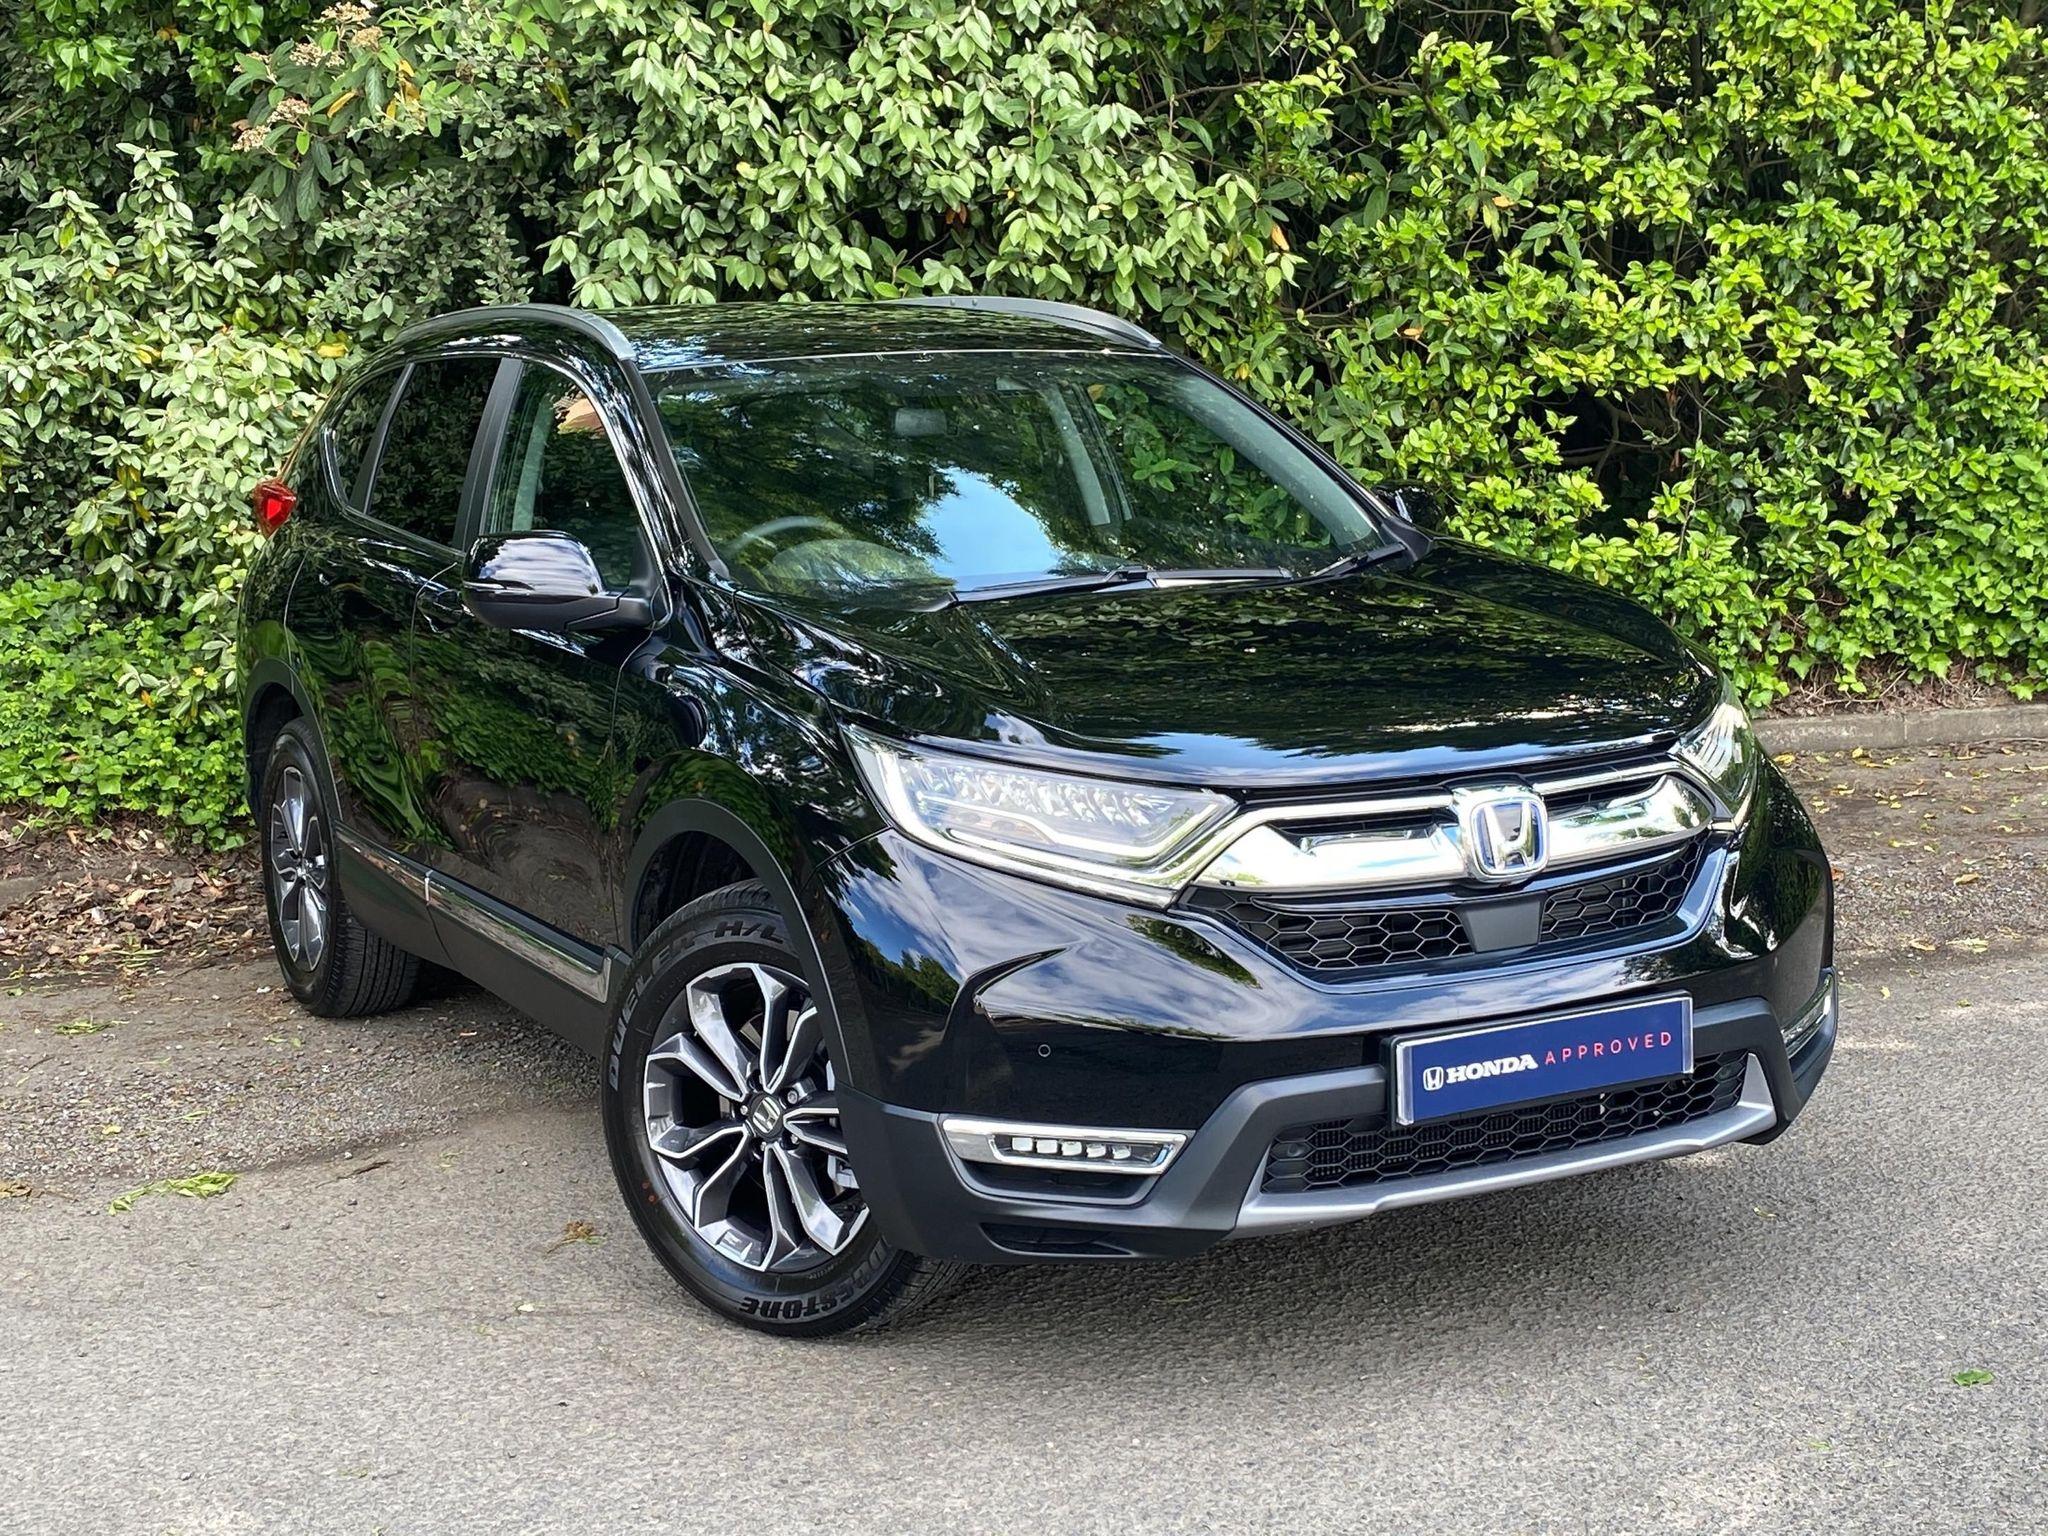 Honda CR-V 2.0 h i-MMD SR eCVT 4WD (s/s) 5dr